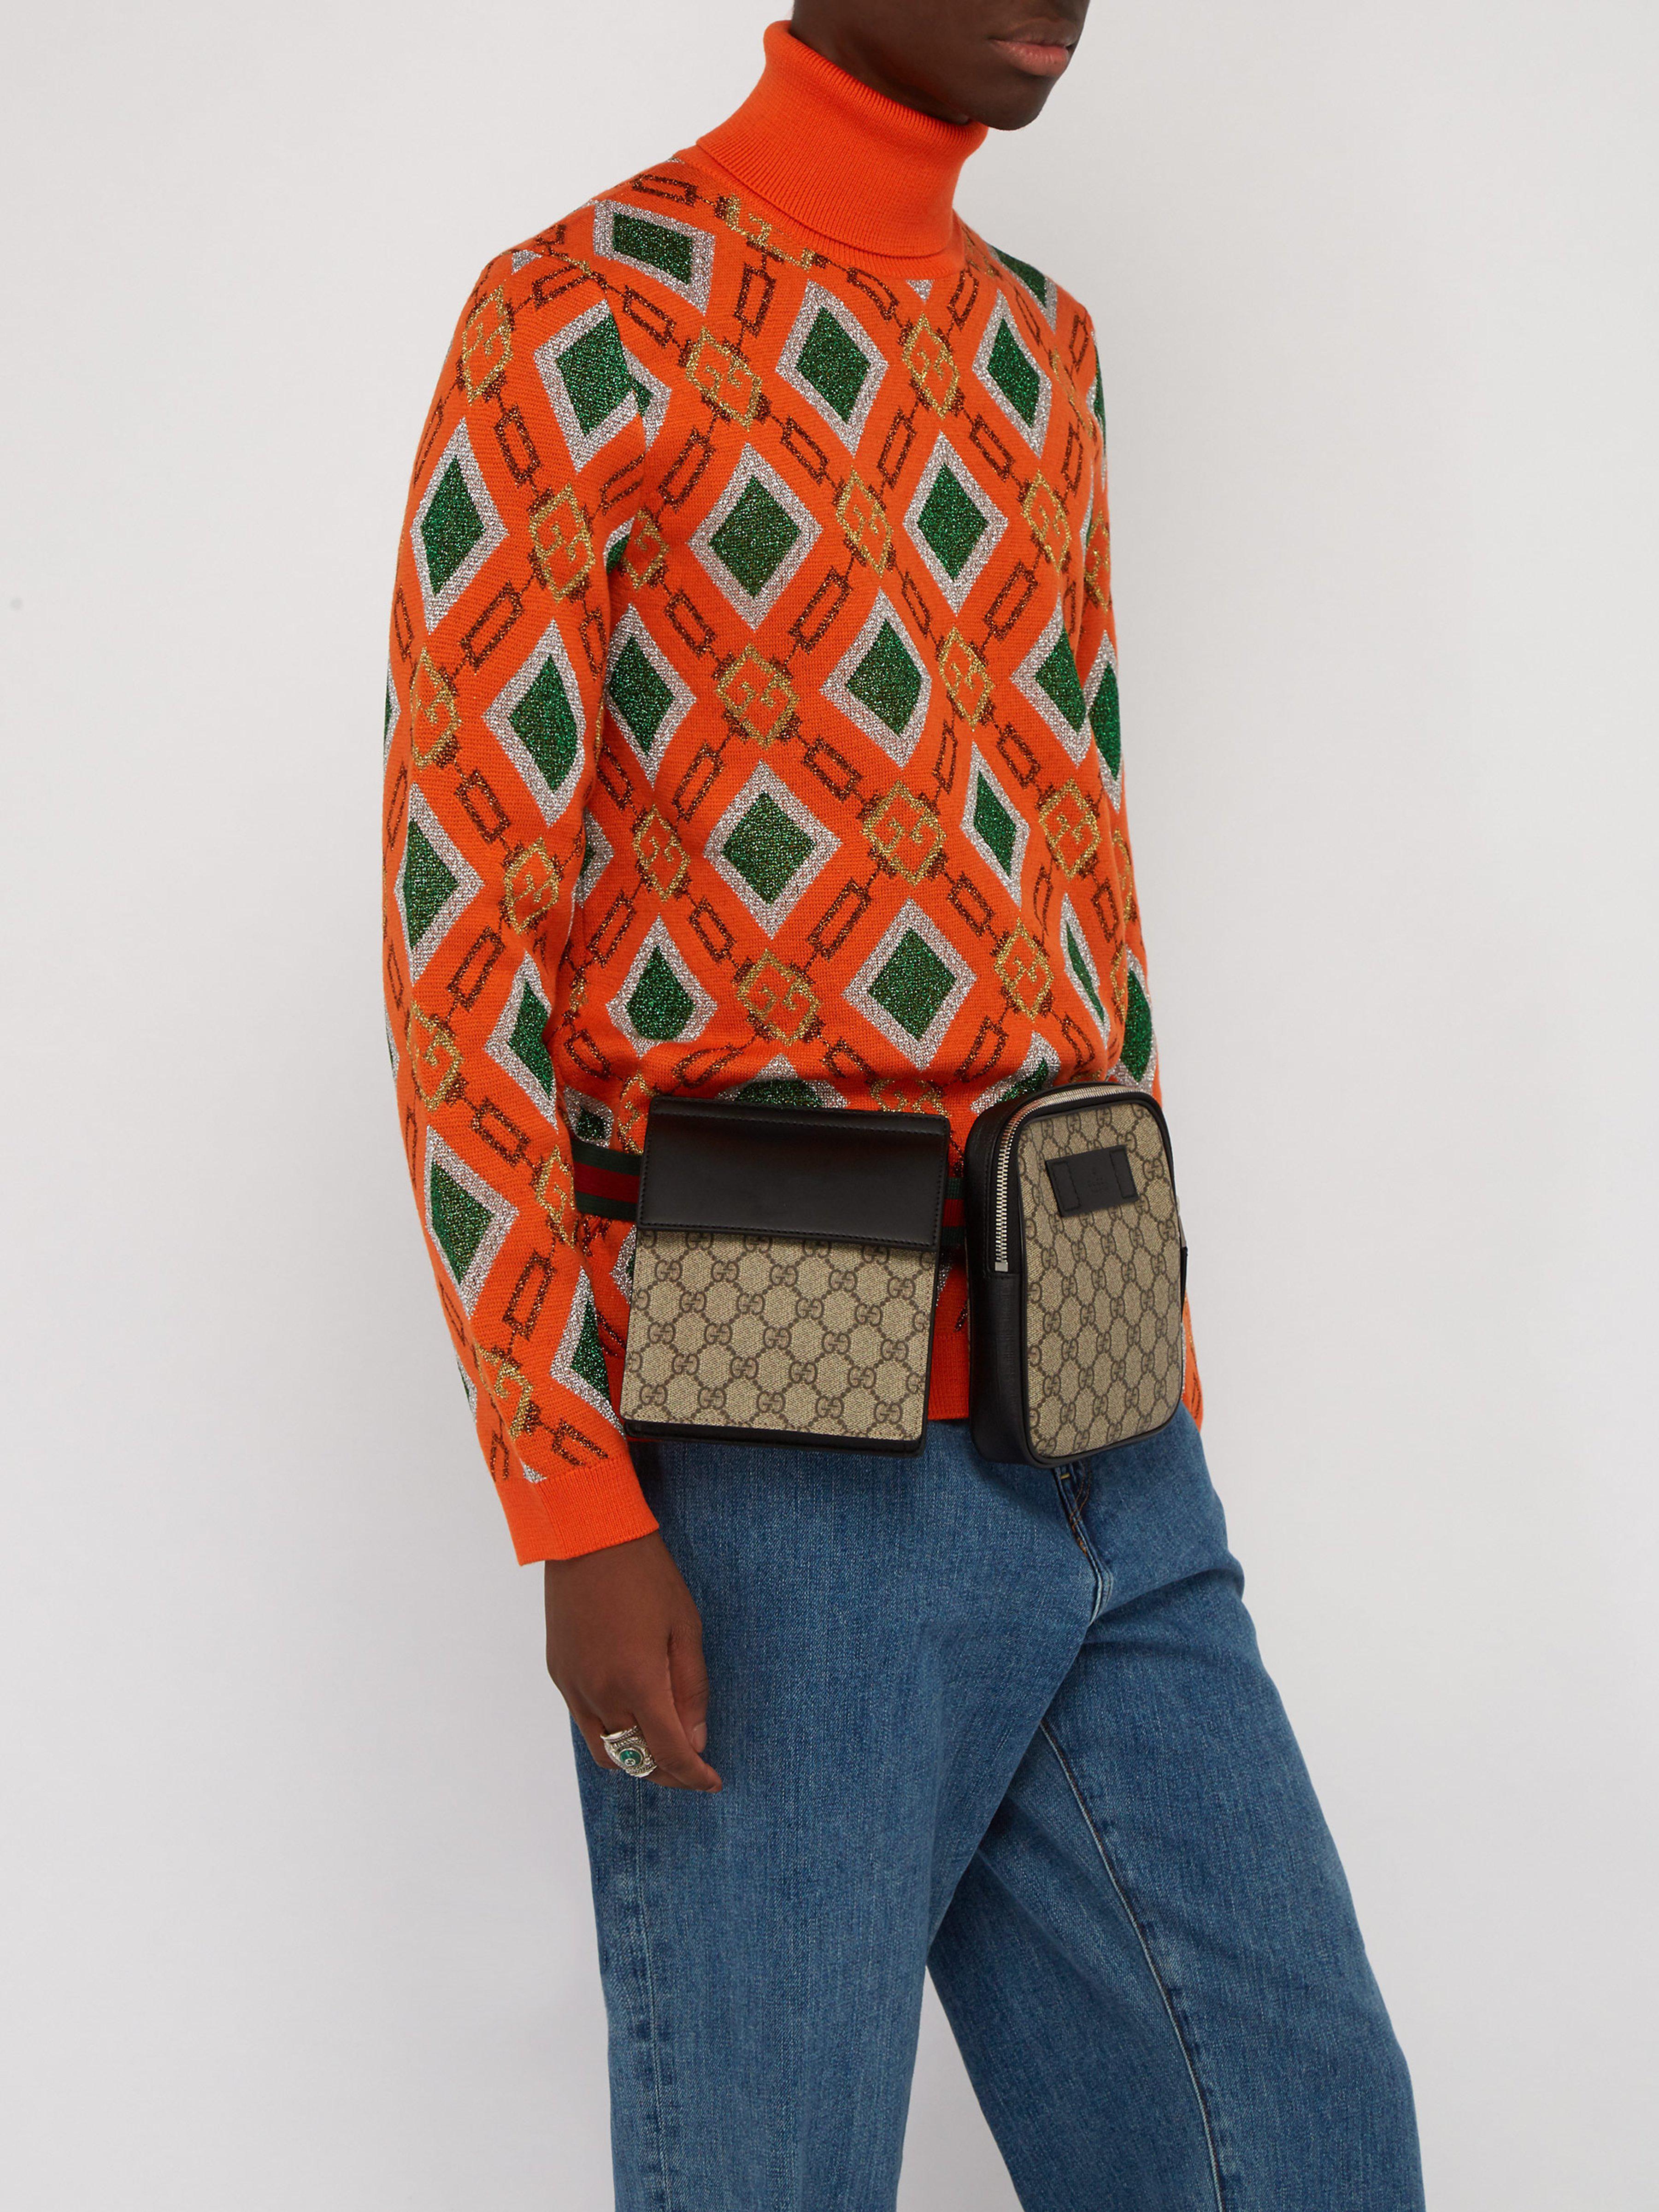 Gucci - Multicolor Sac ceinture à bandes Web Suprême GG for Men - Lyst.  Afficher en plein écran 3b2e556b73e